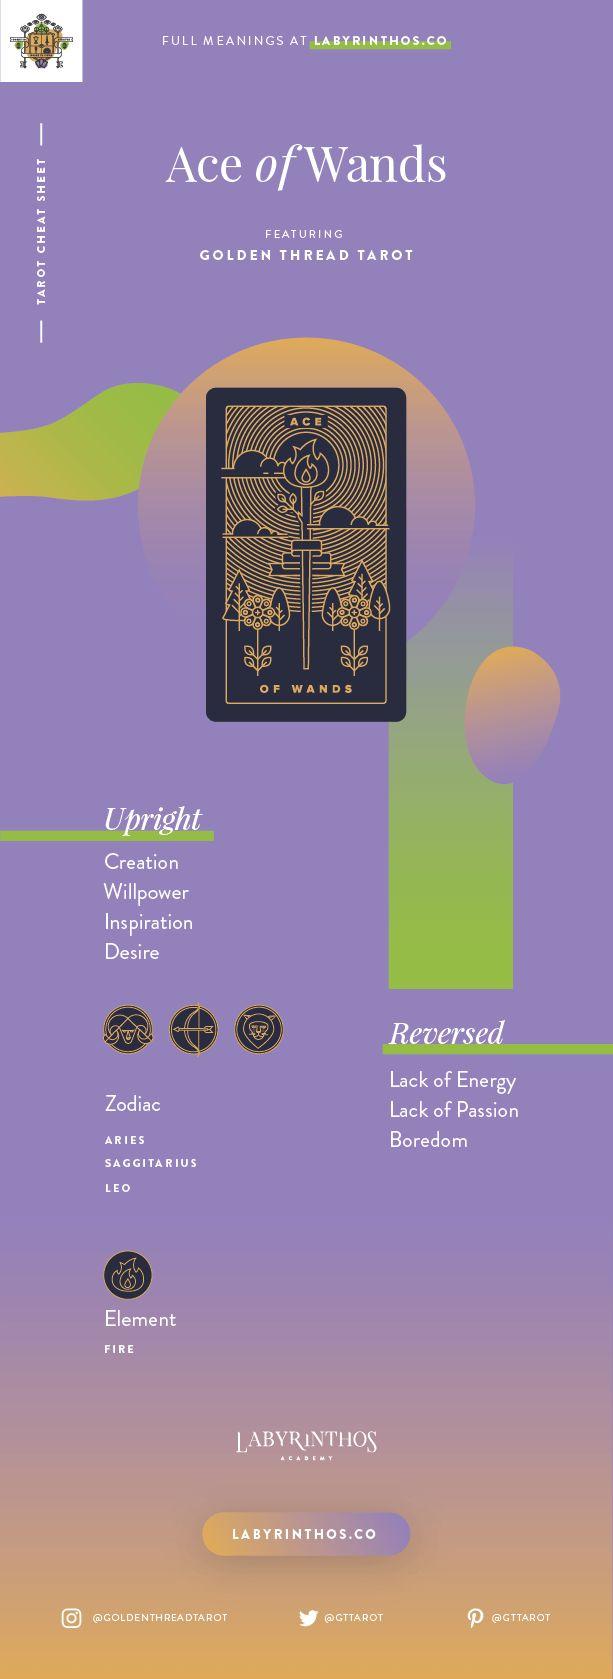 Ace of Wands Meaning - Tarot Card Meanings Cheat Sheet. Art from Golden Thread Tarot.